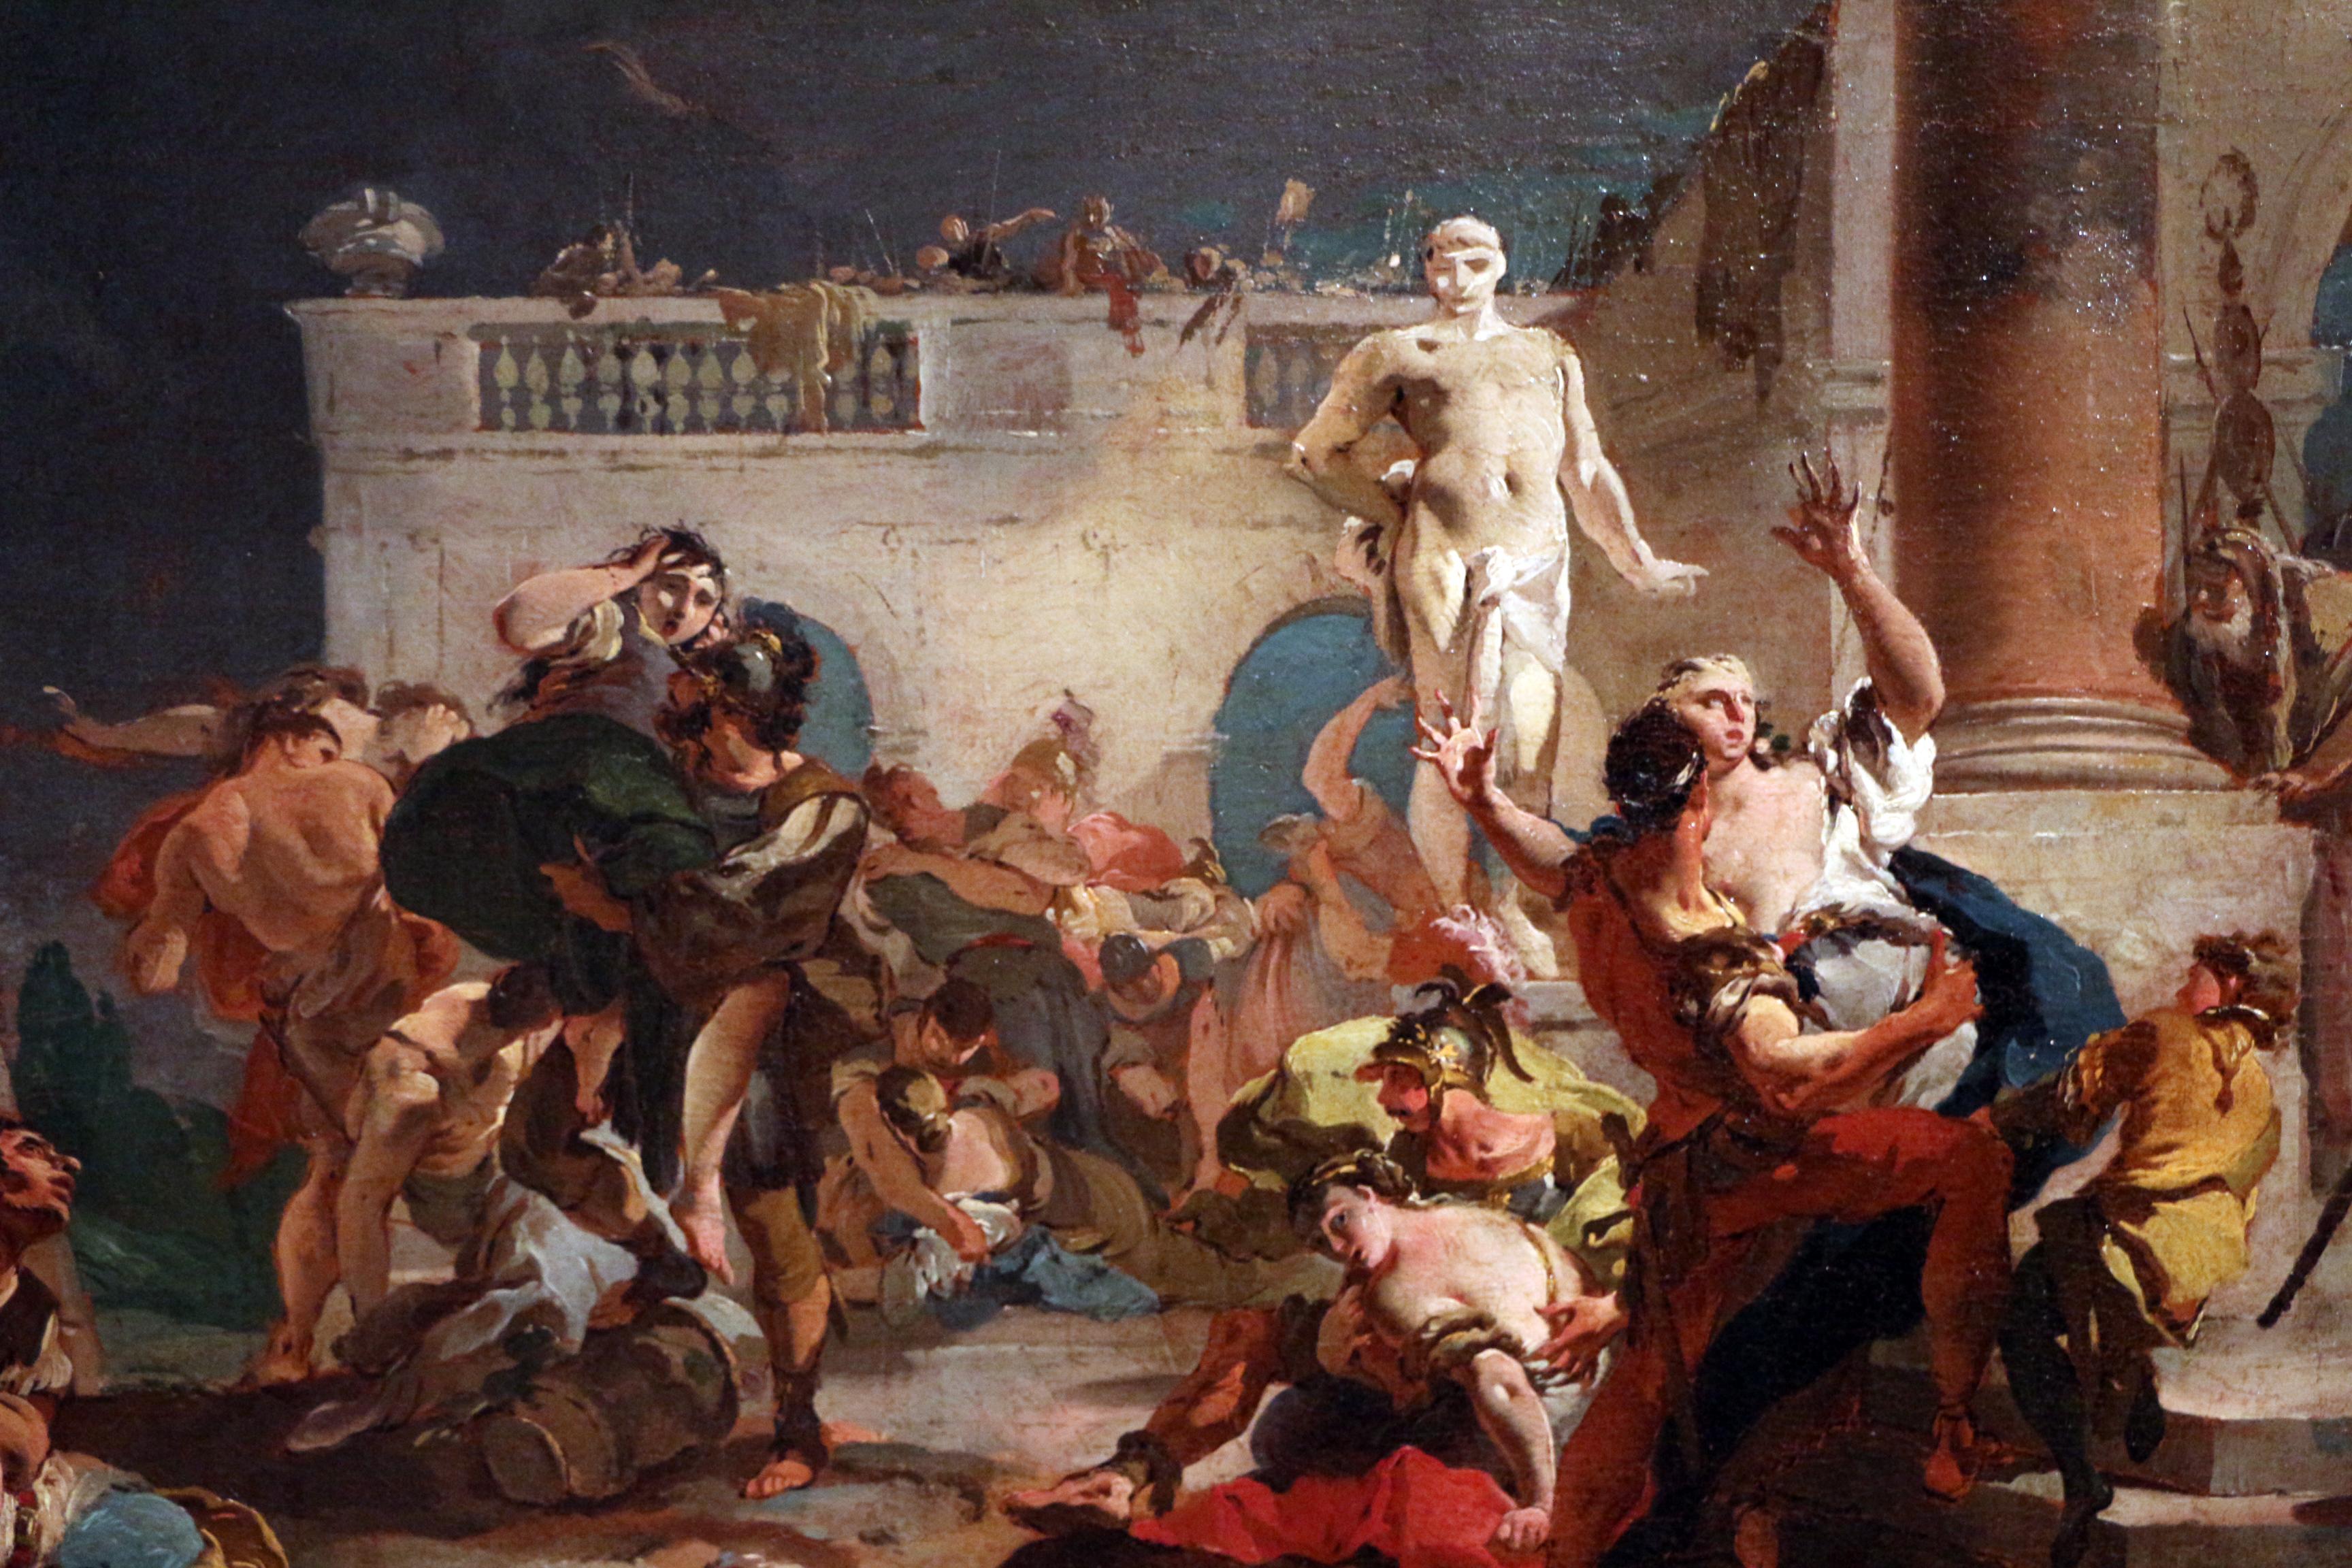 File:Giovan battista tiepolo, ratto delle sabine, 1718-19 circa, 02